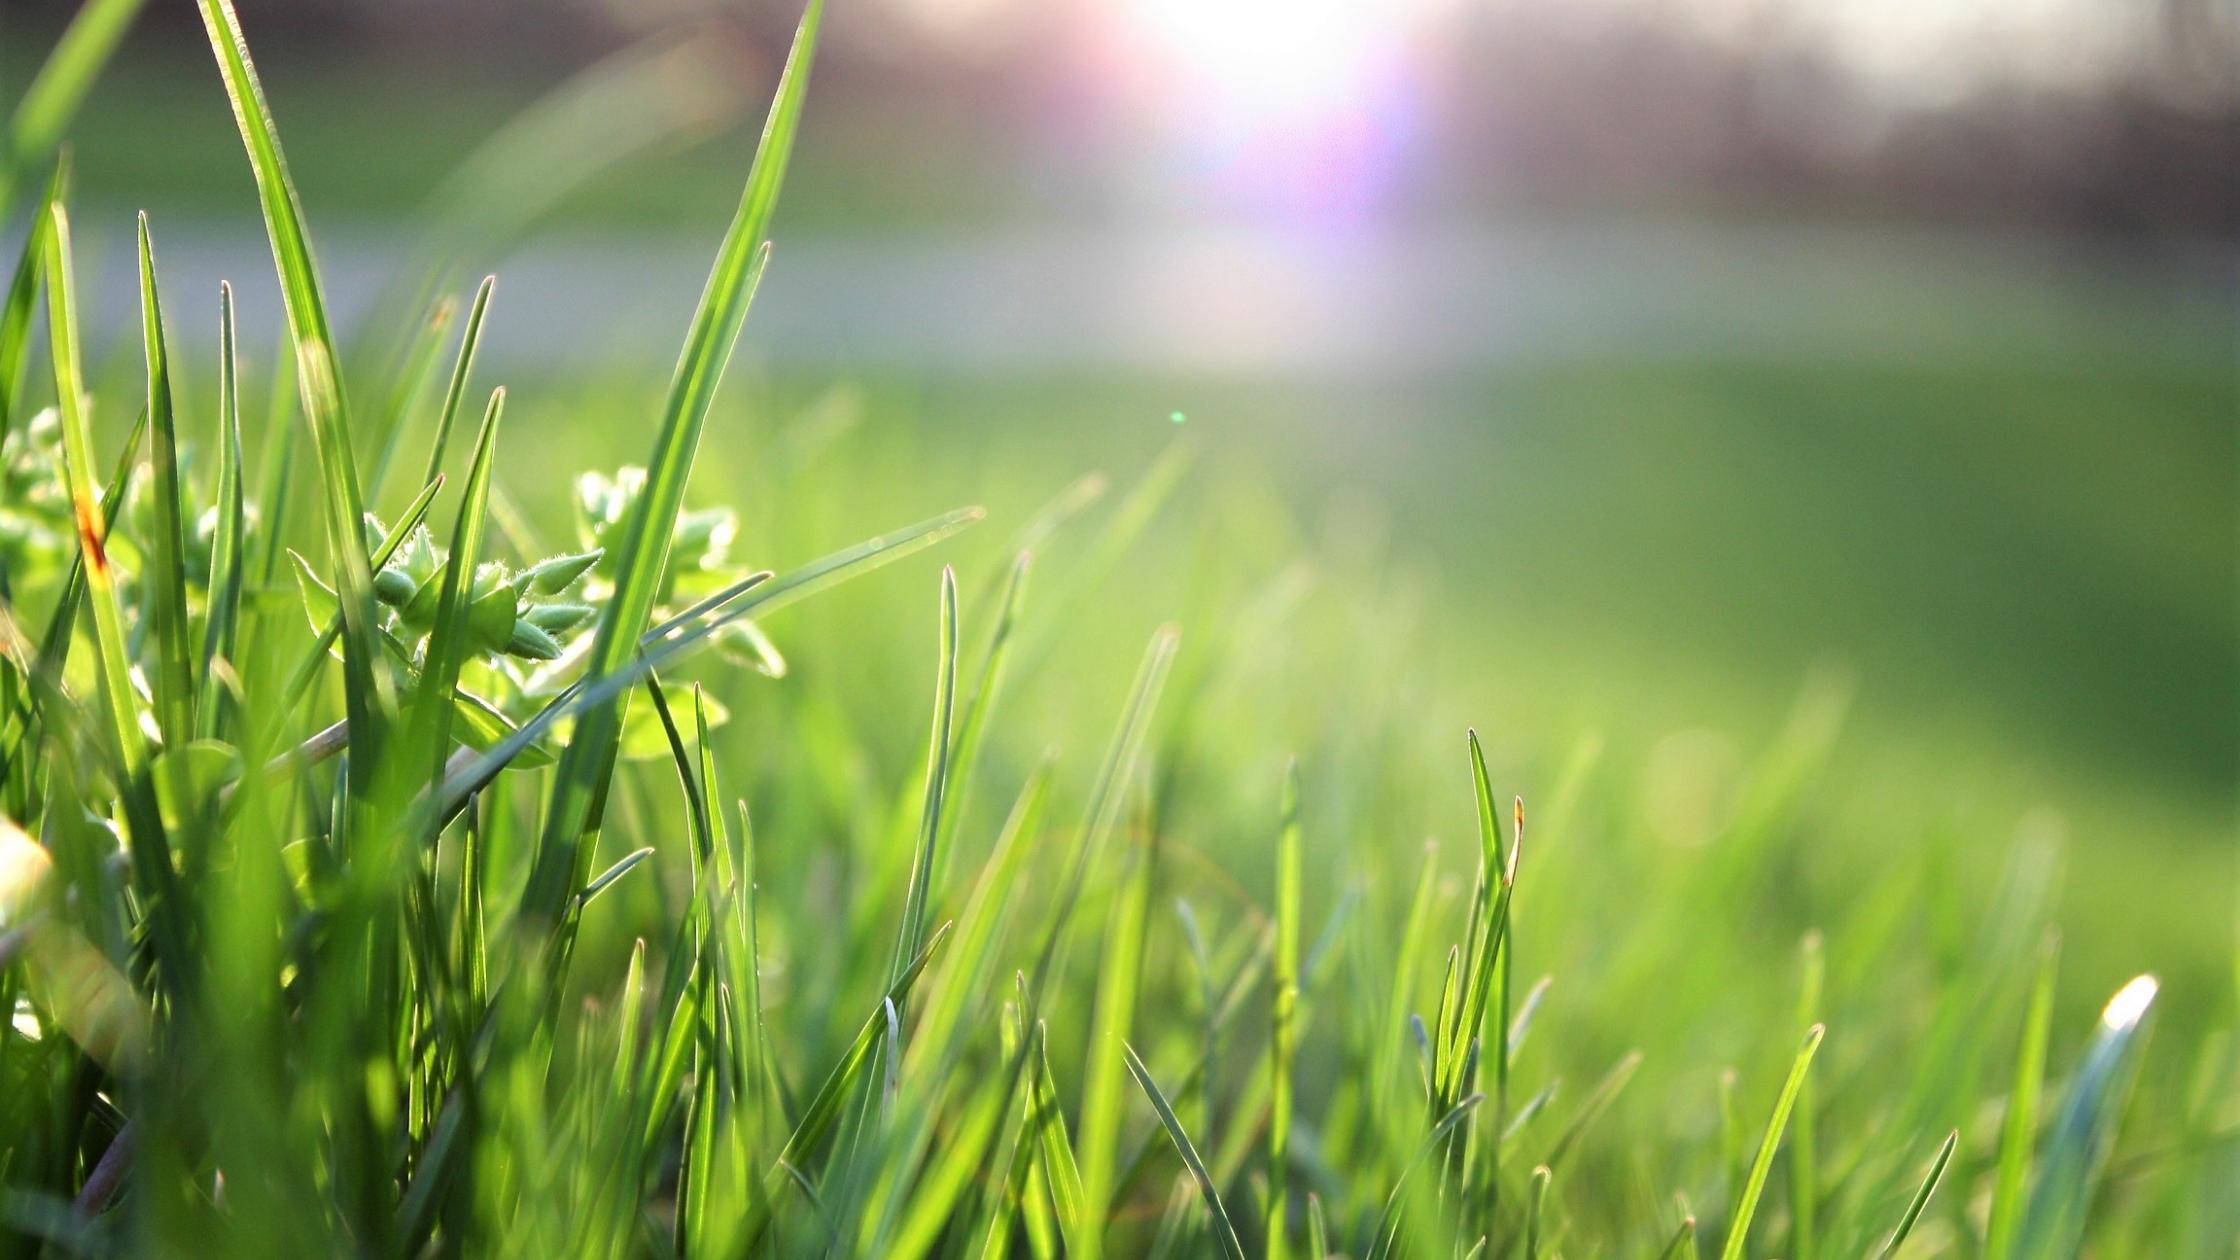 Installer et planter un gazon vert dans son jardin - Aménagement paysager - Création de jardin - Cade Paysage